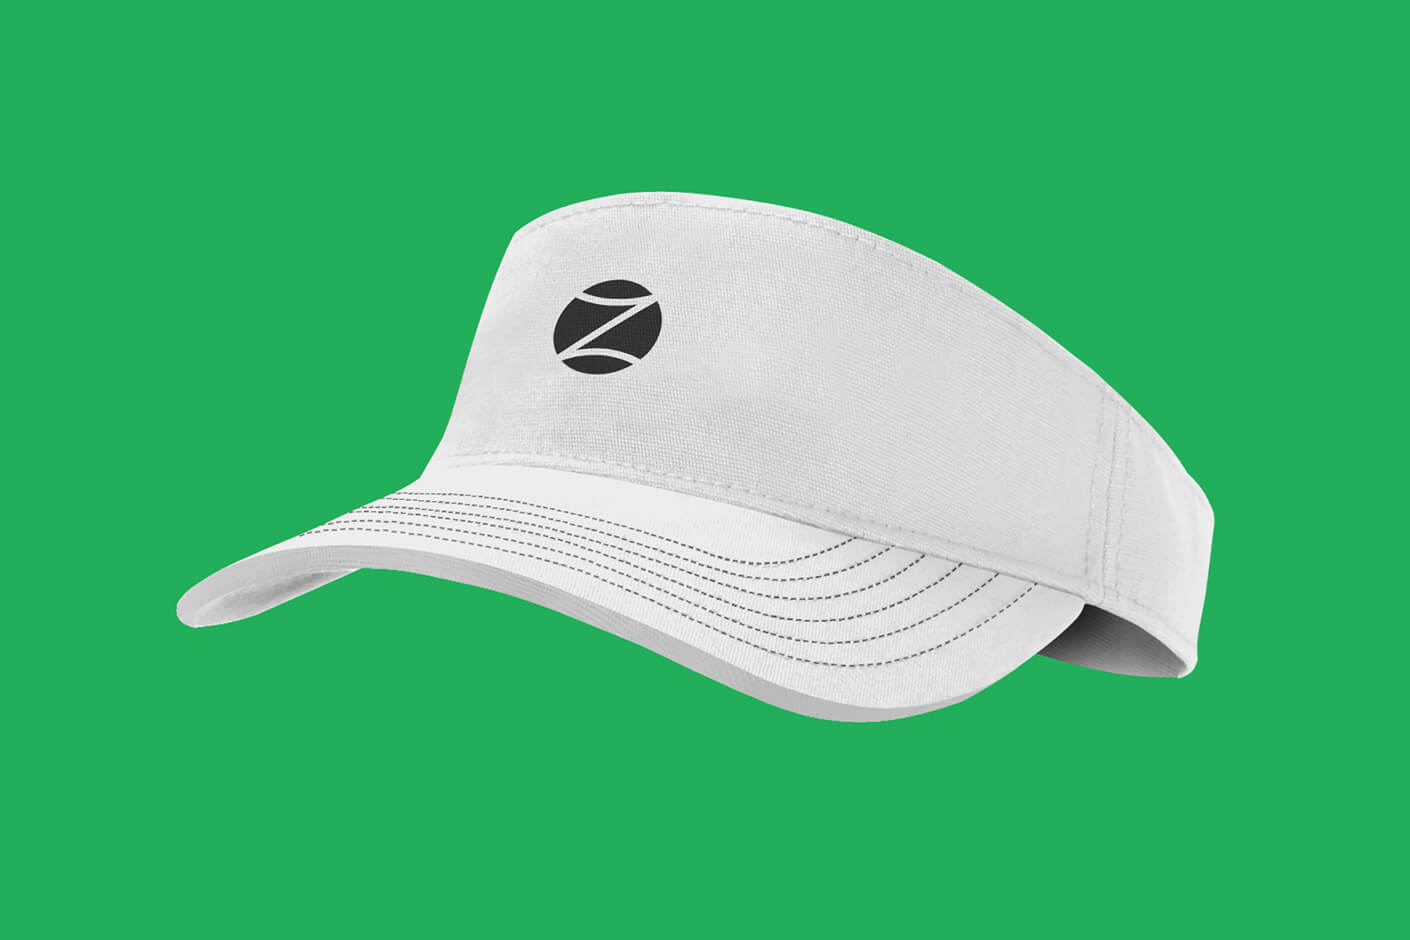 zveryno-teniso-kortai-sun-hat-1410×940